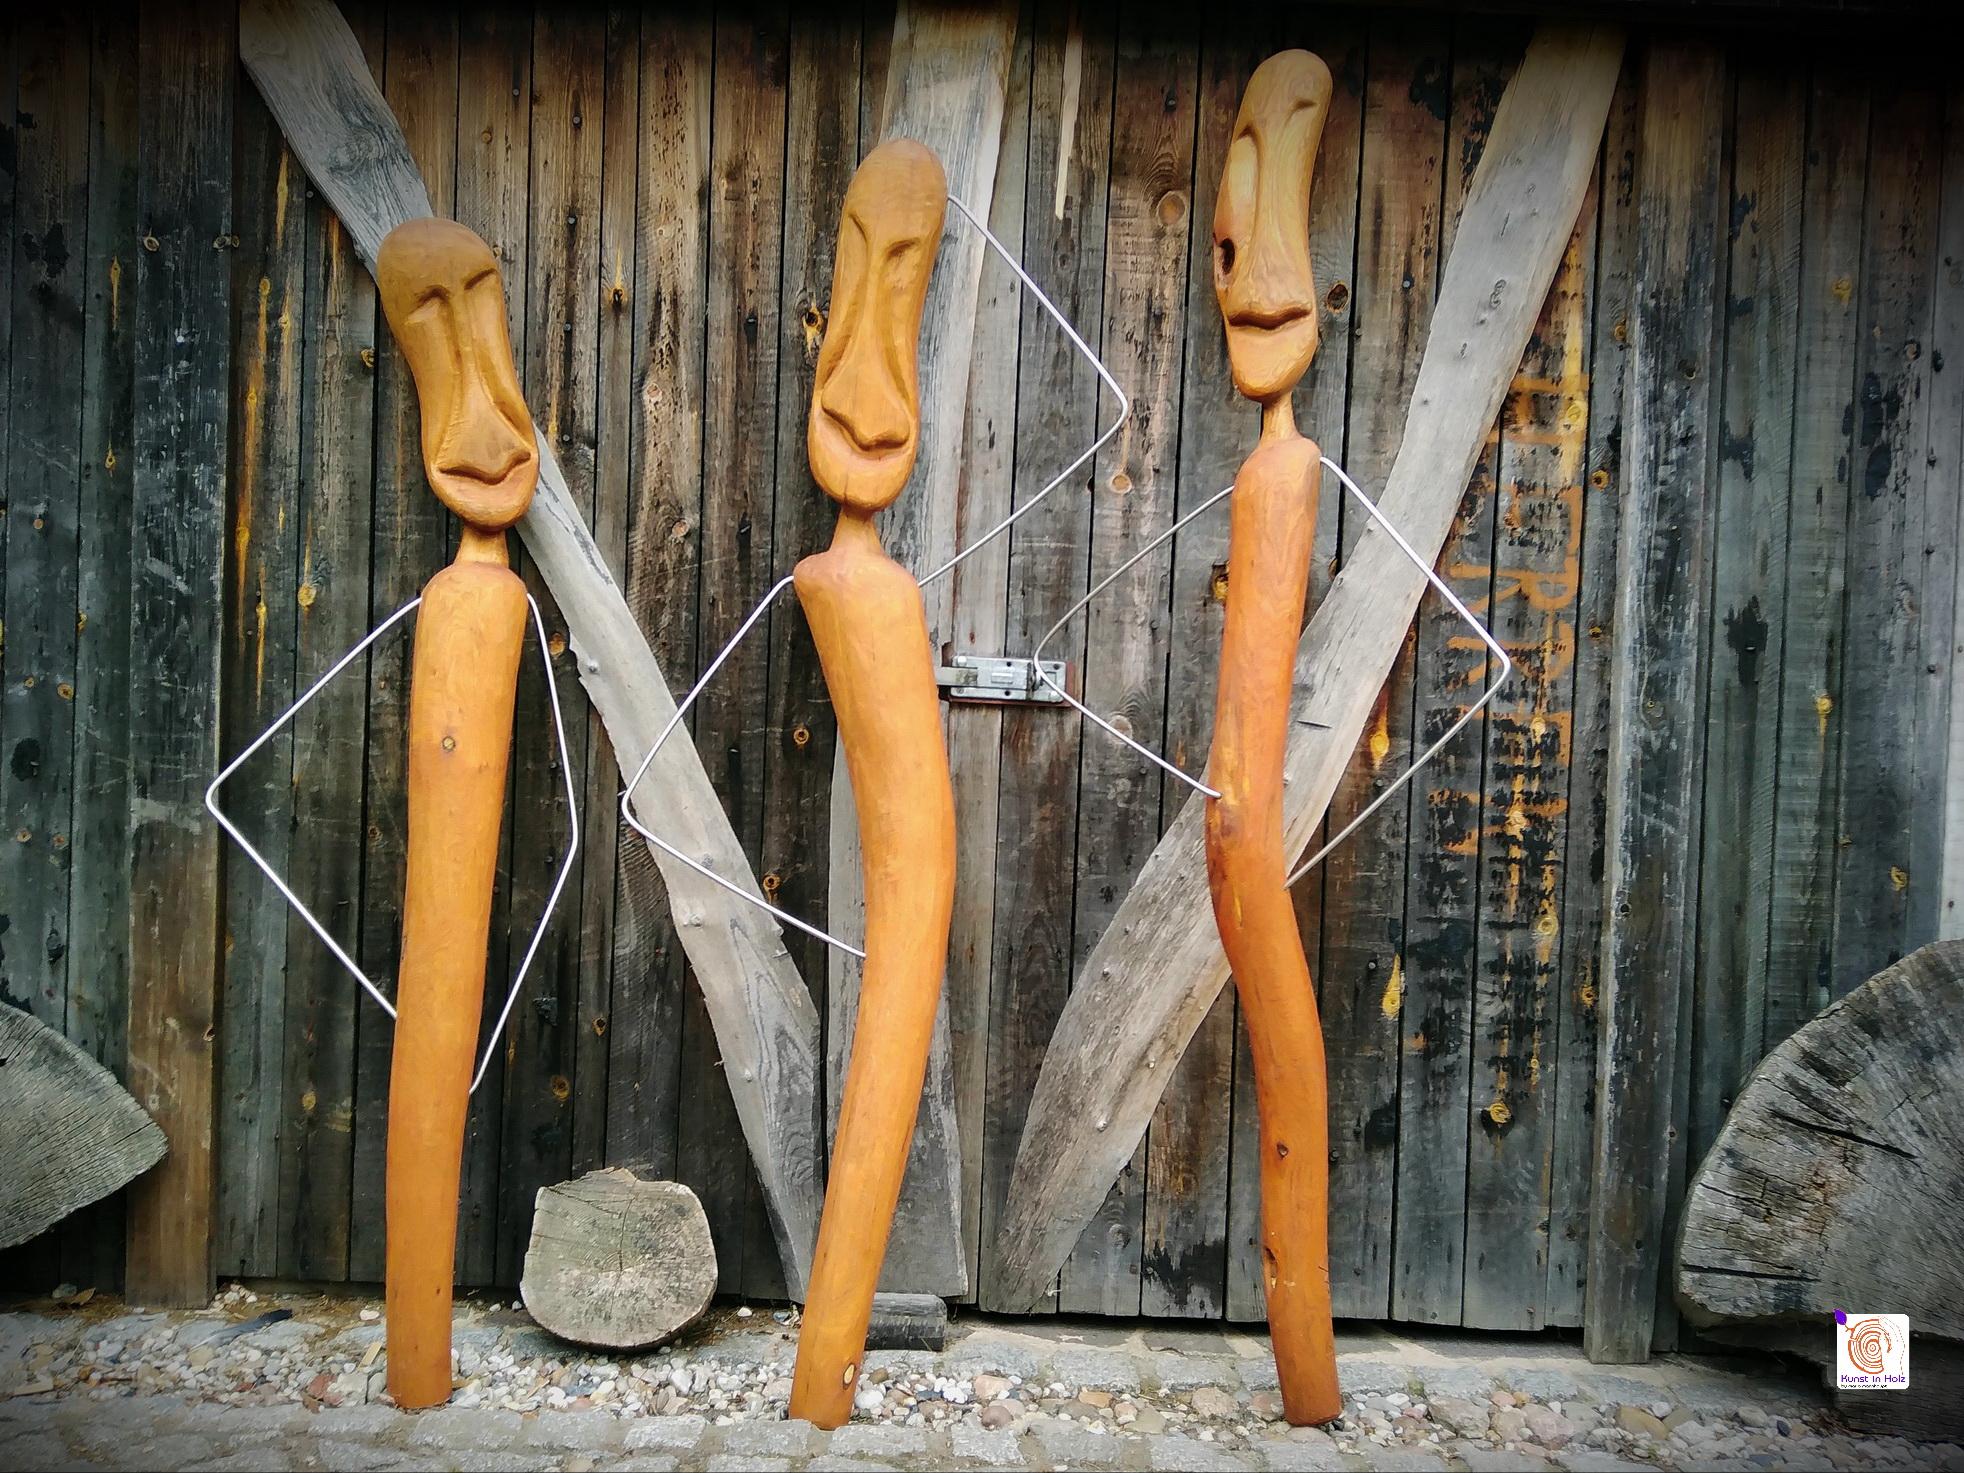 Verkauf von Unikaten: Skulpturen aus Robinenhartholz